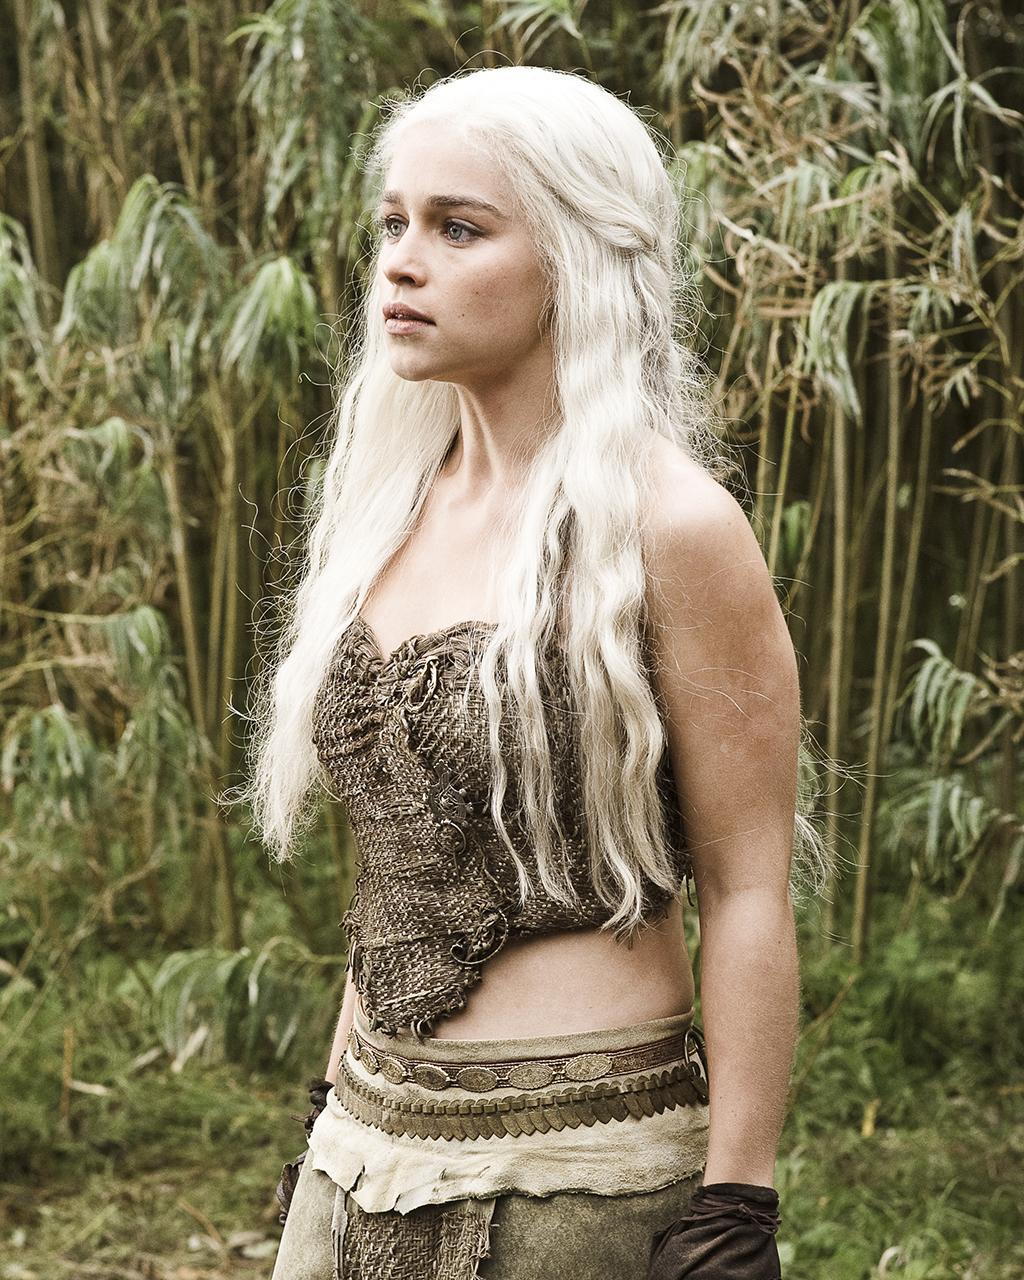 Bonito y cómodo peinados daenerys targaryen Imagen de tutoriales de color de pelo - Así es como han cambiado los peinados de Daenerys ...